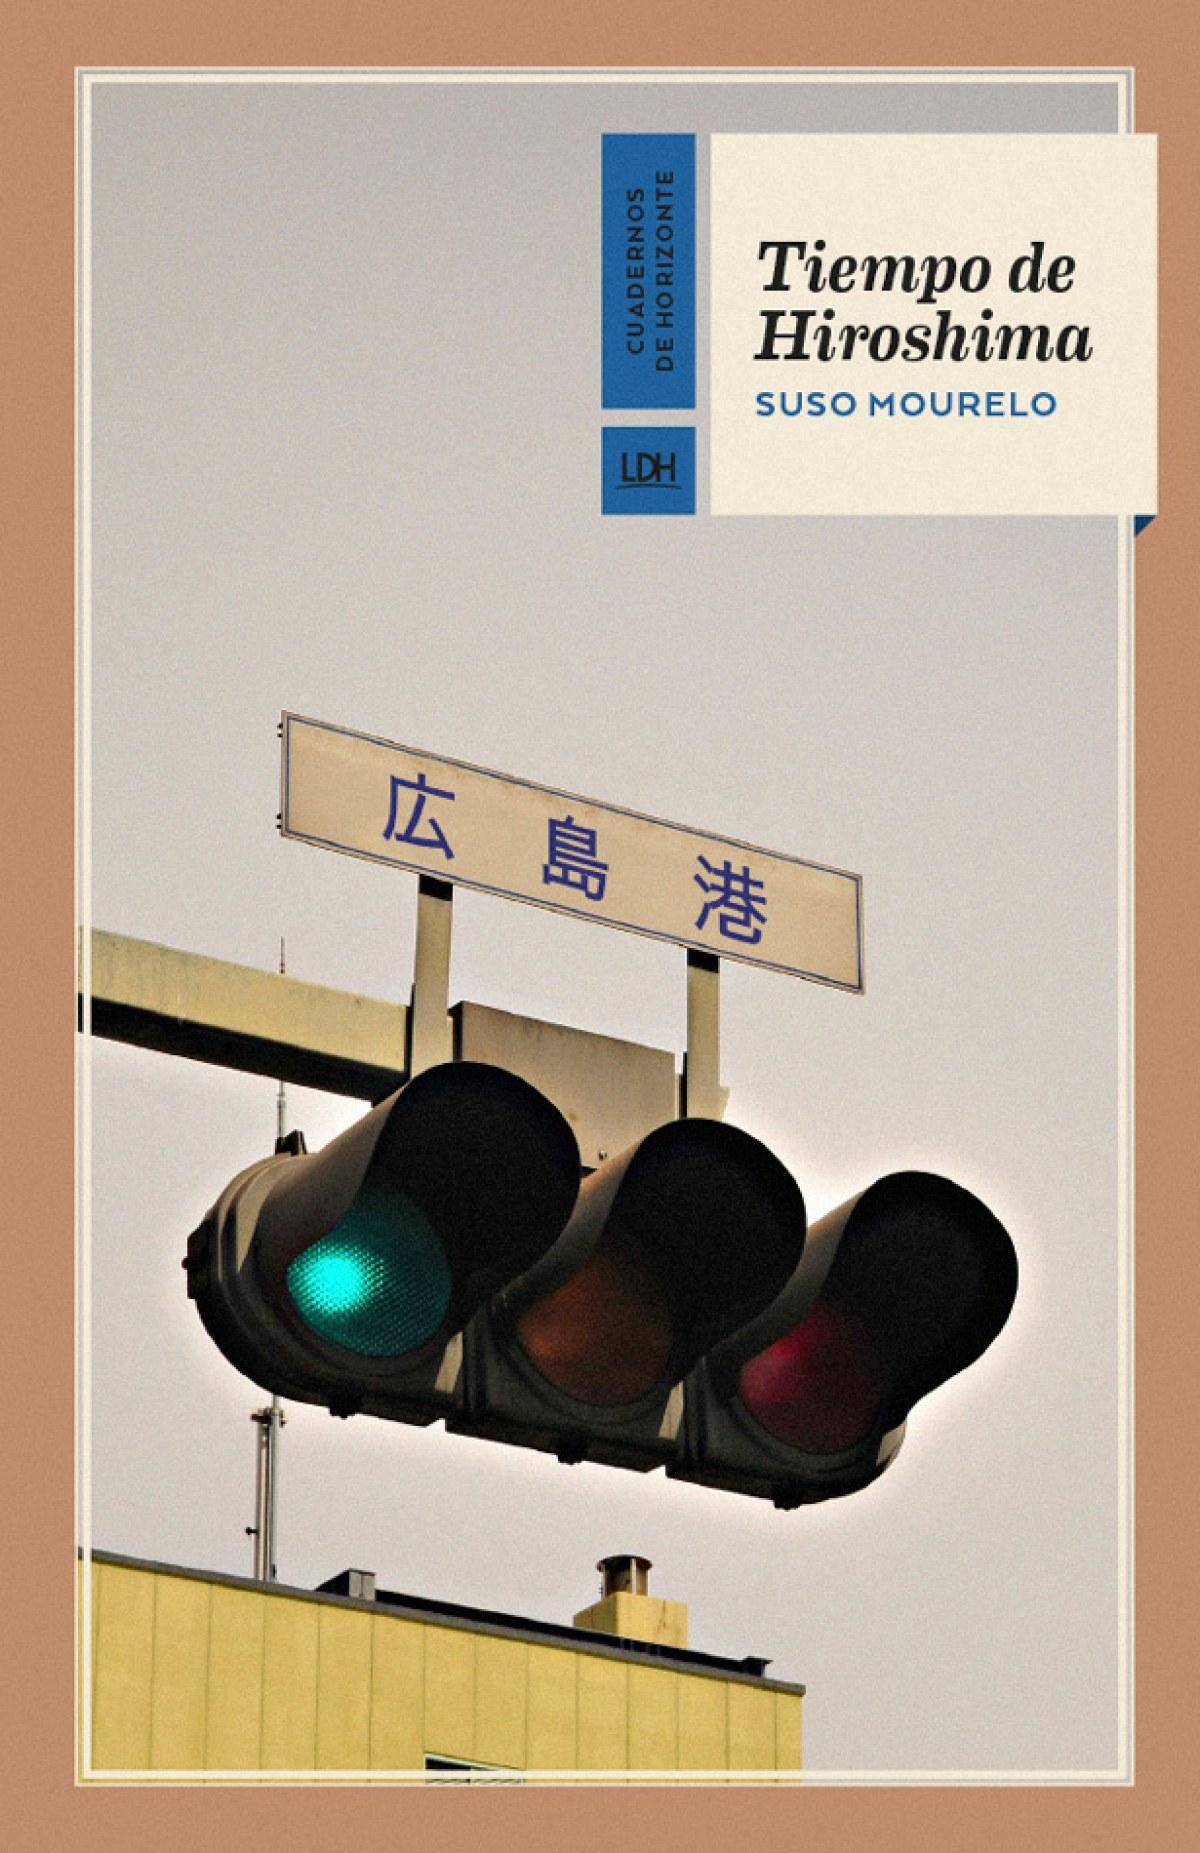 TIEMPO DE HIROSHIMA 9788415958857